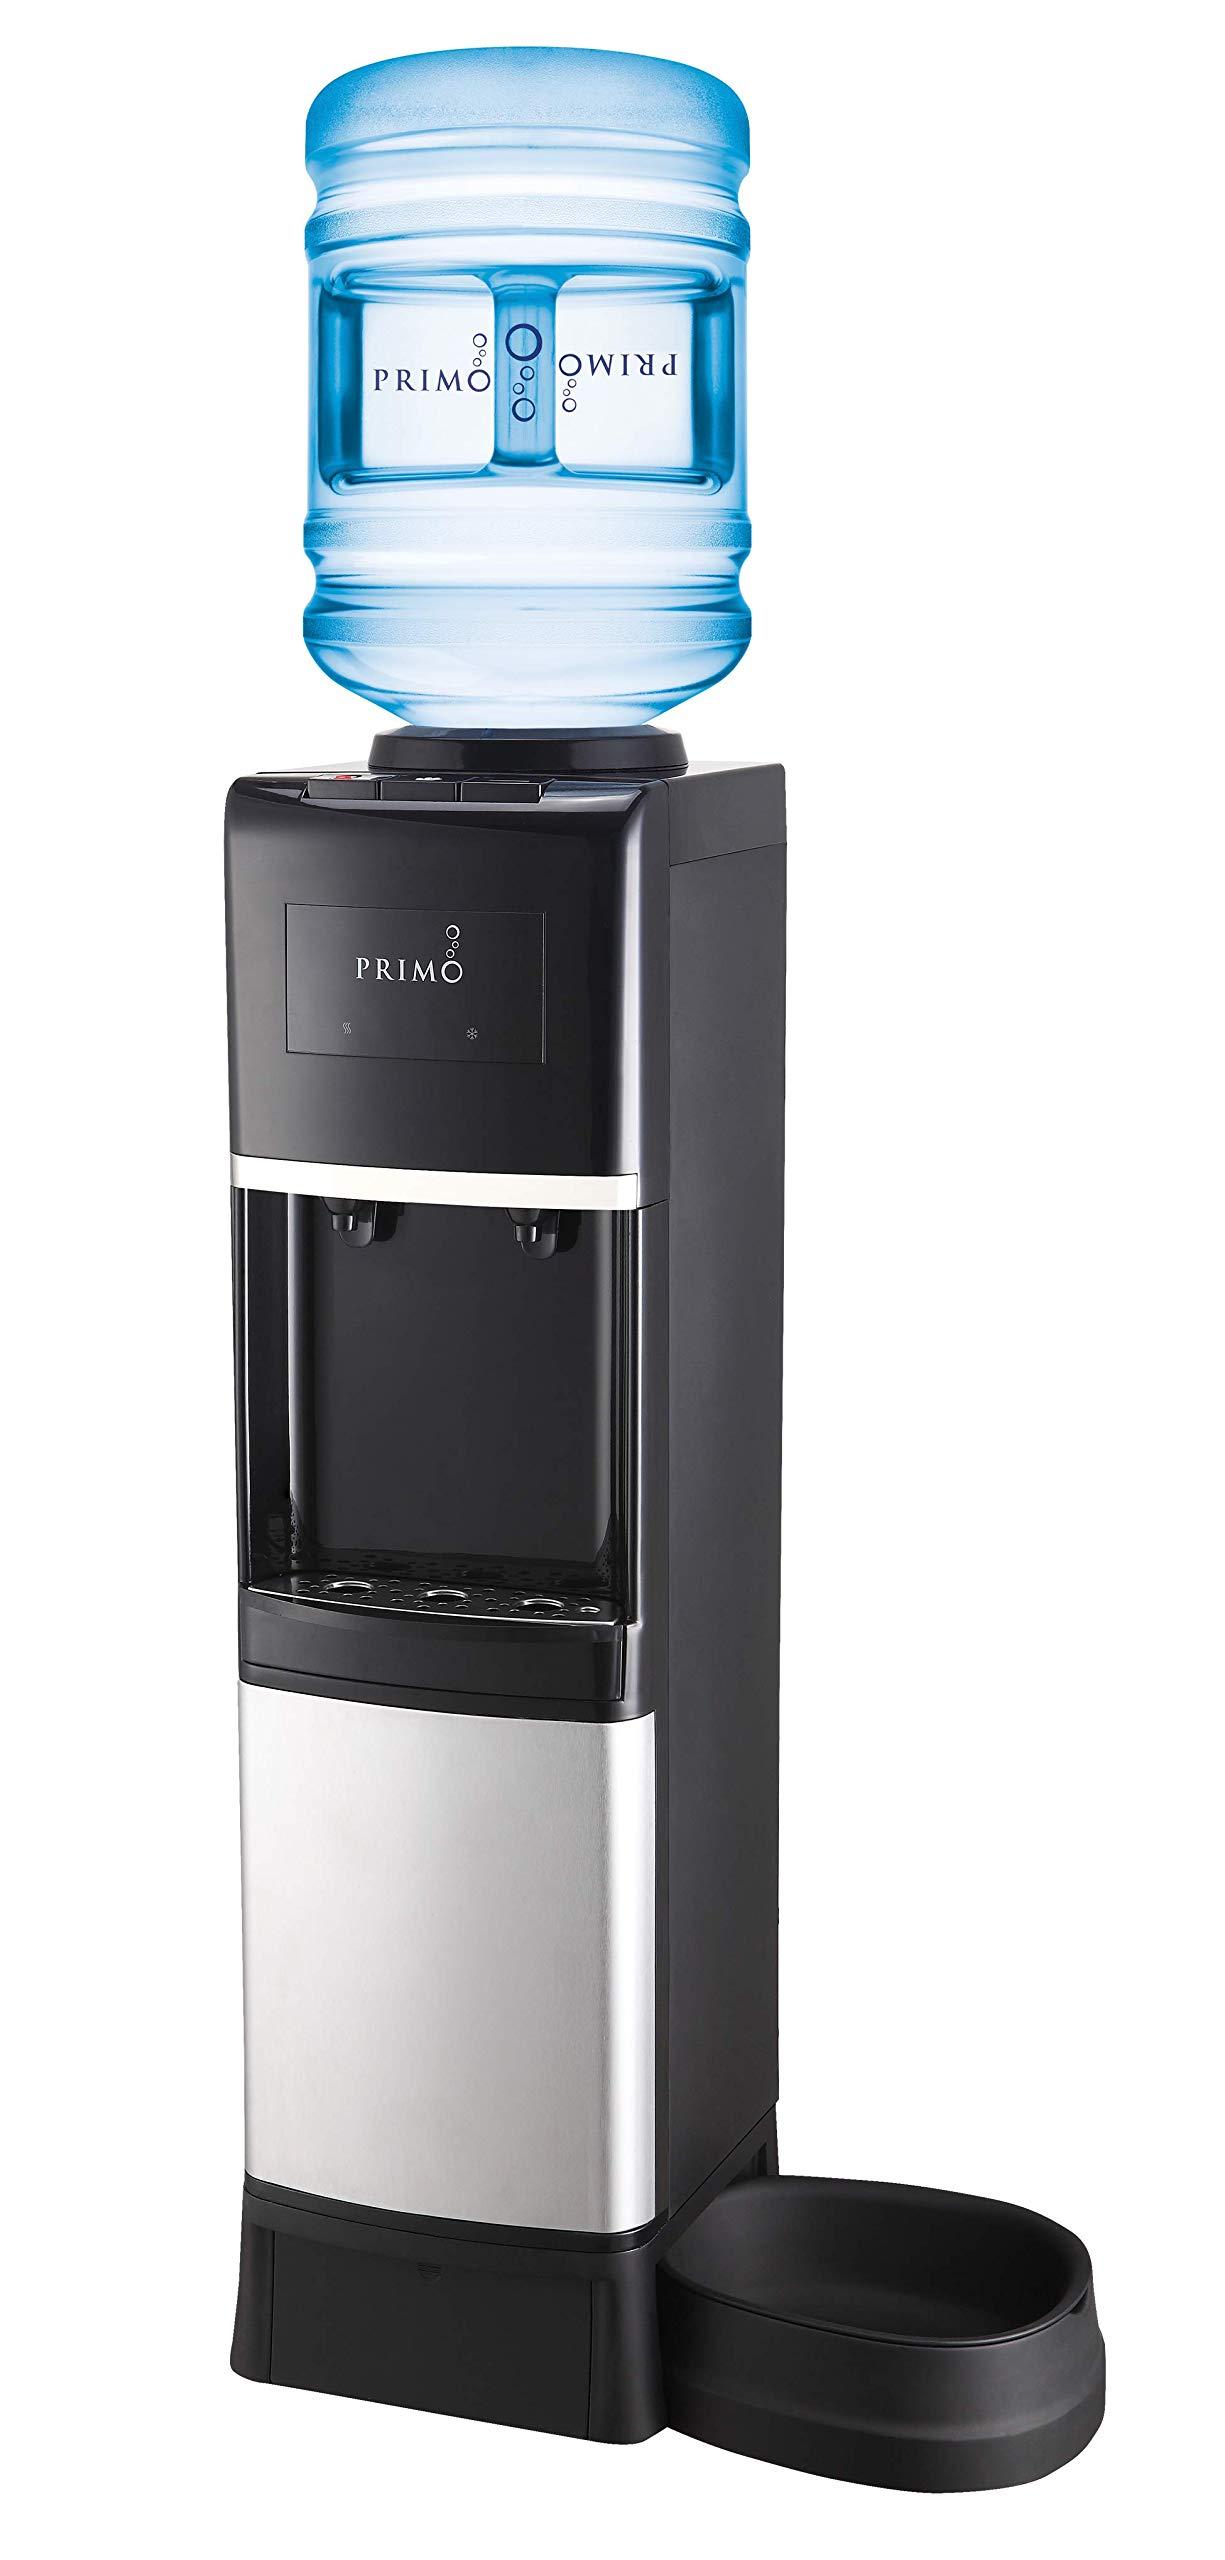 Primo Water Cooler Dispenser + Pet Station